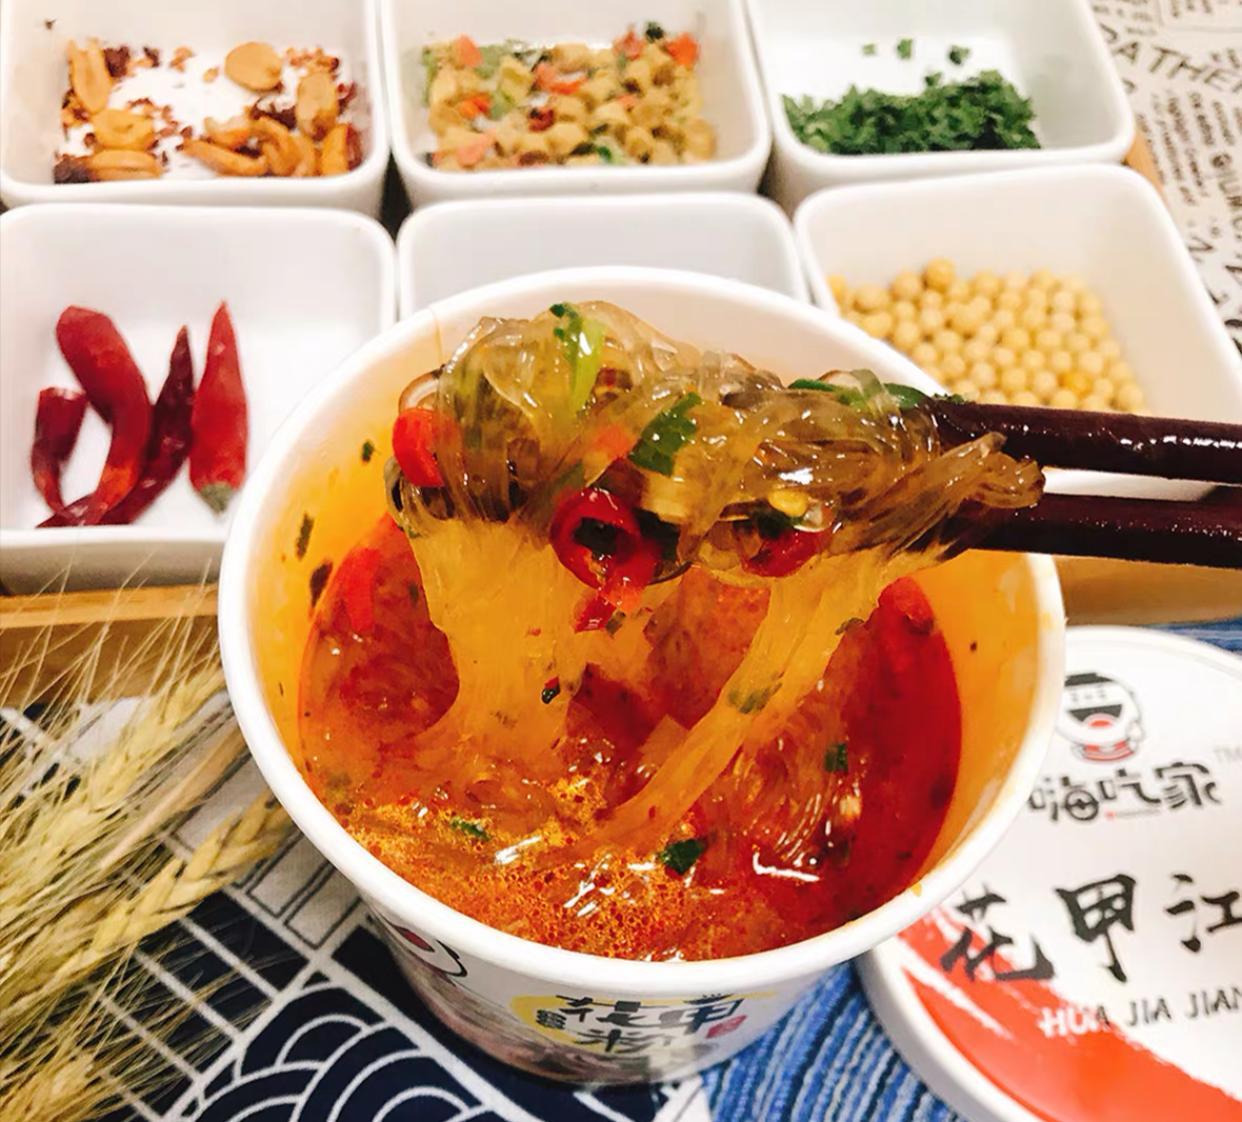 Hao Chi Jia Hua Jia Jiang Hu Clams Noodles